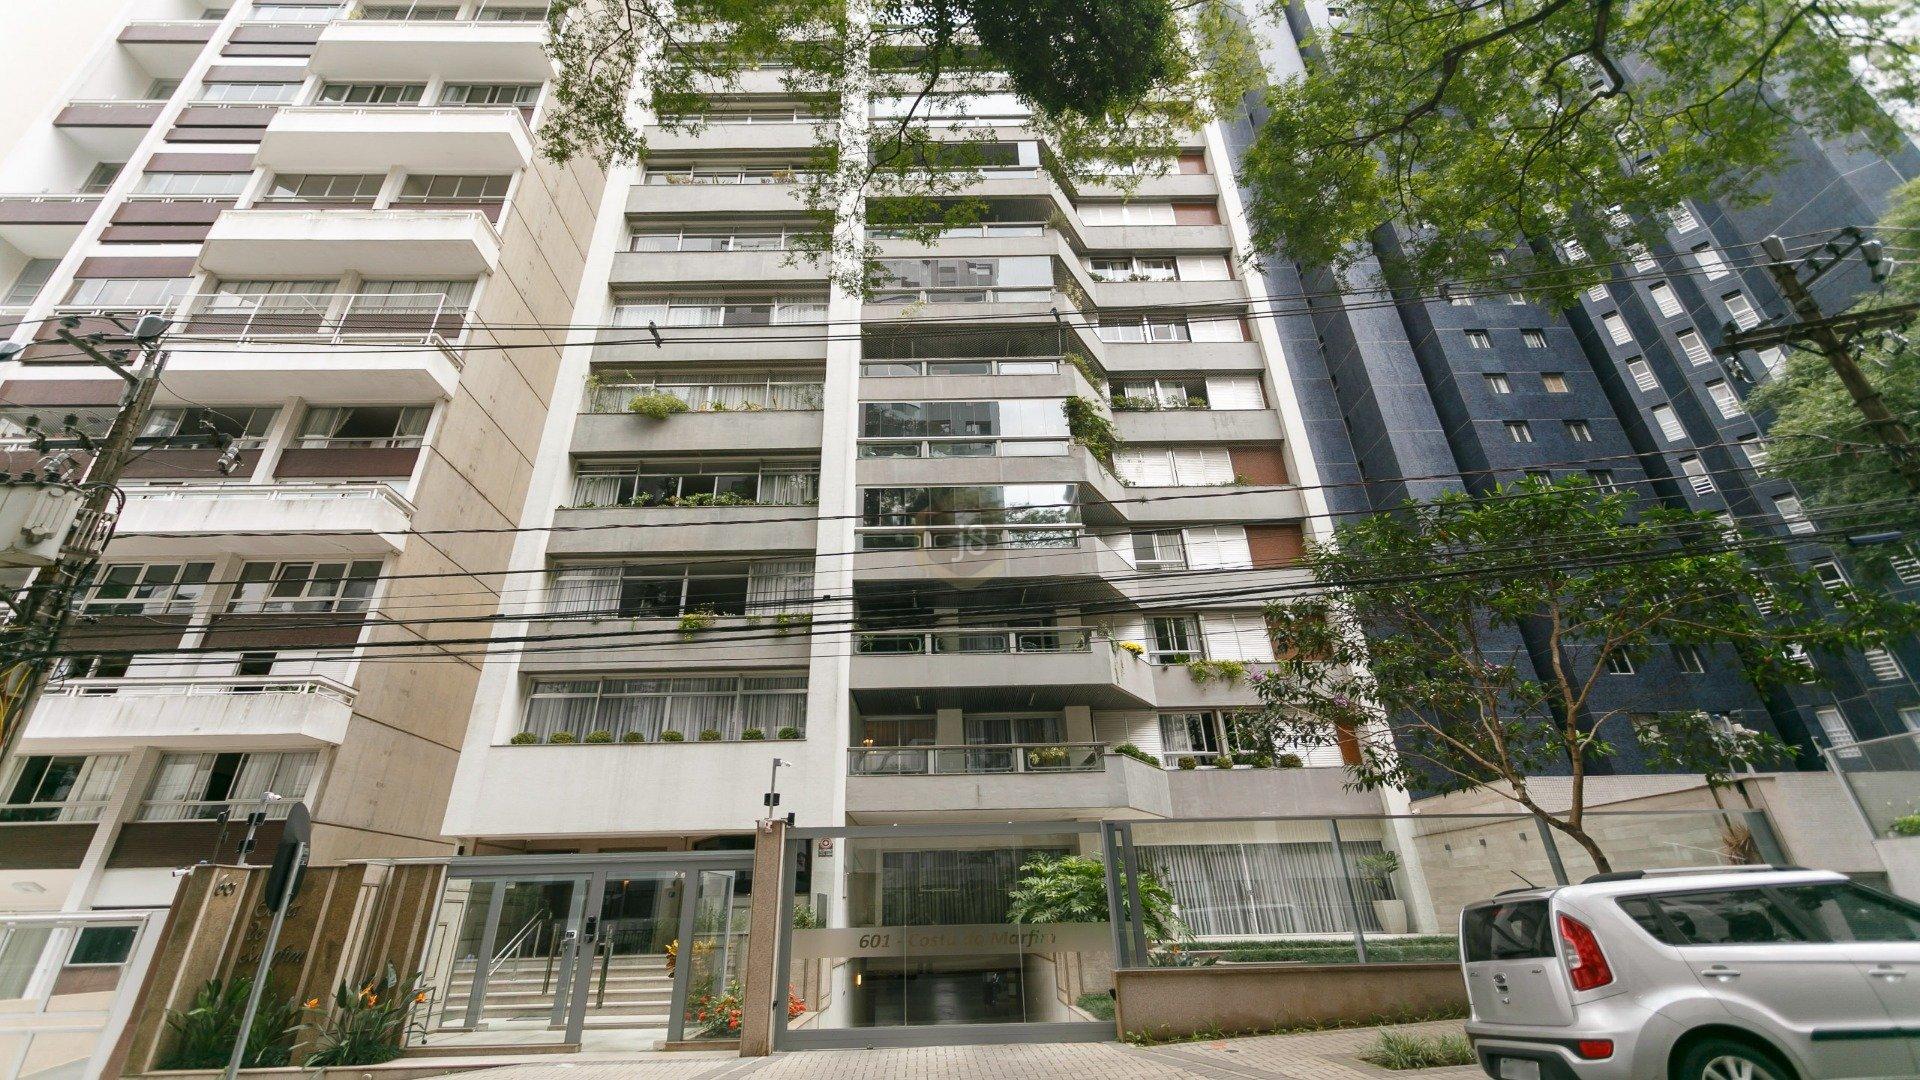 Foto de destaque Amplo apartamento no água verde com vista privilegiada